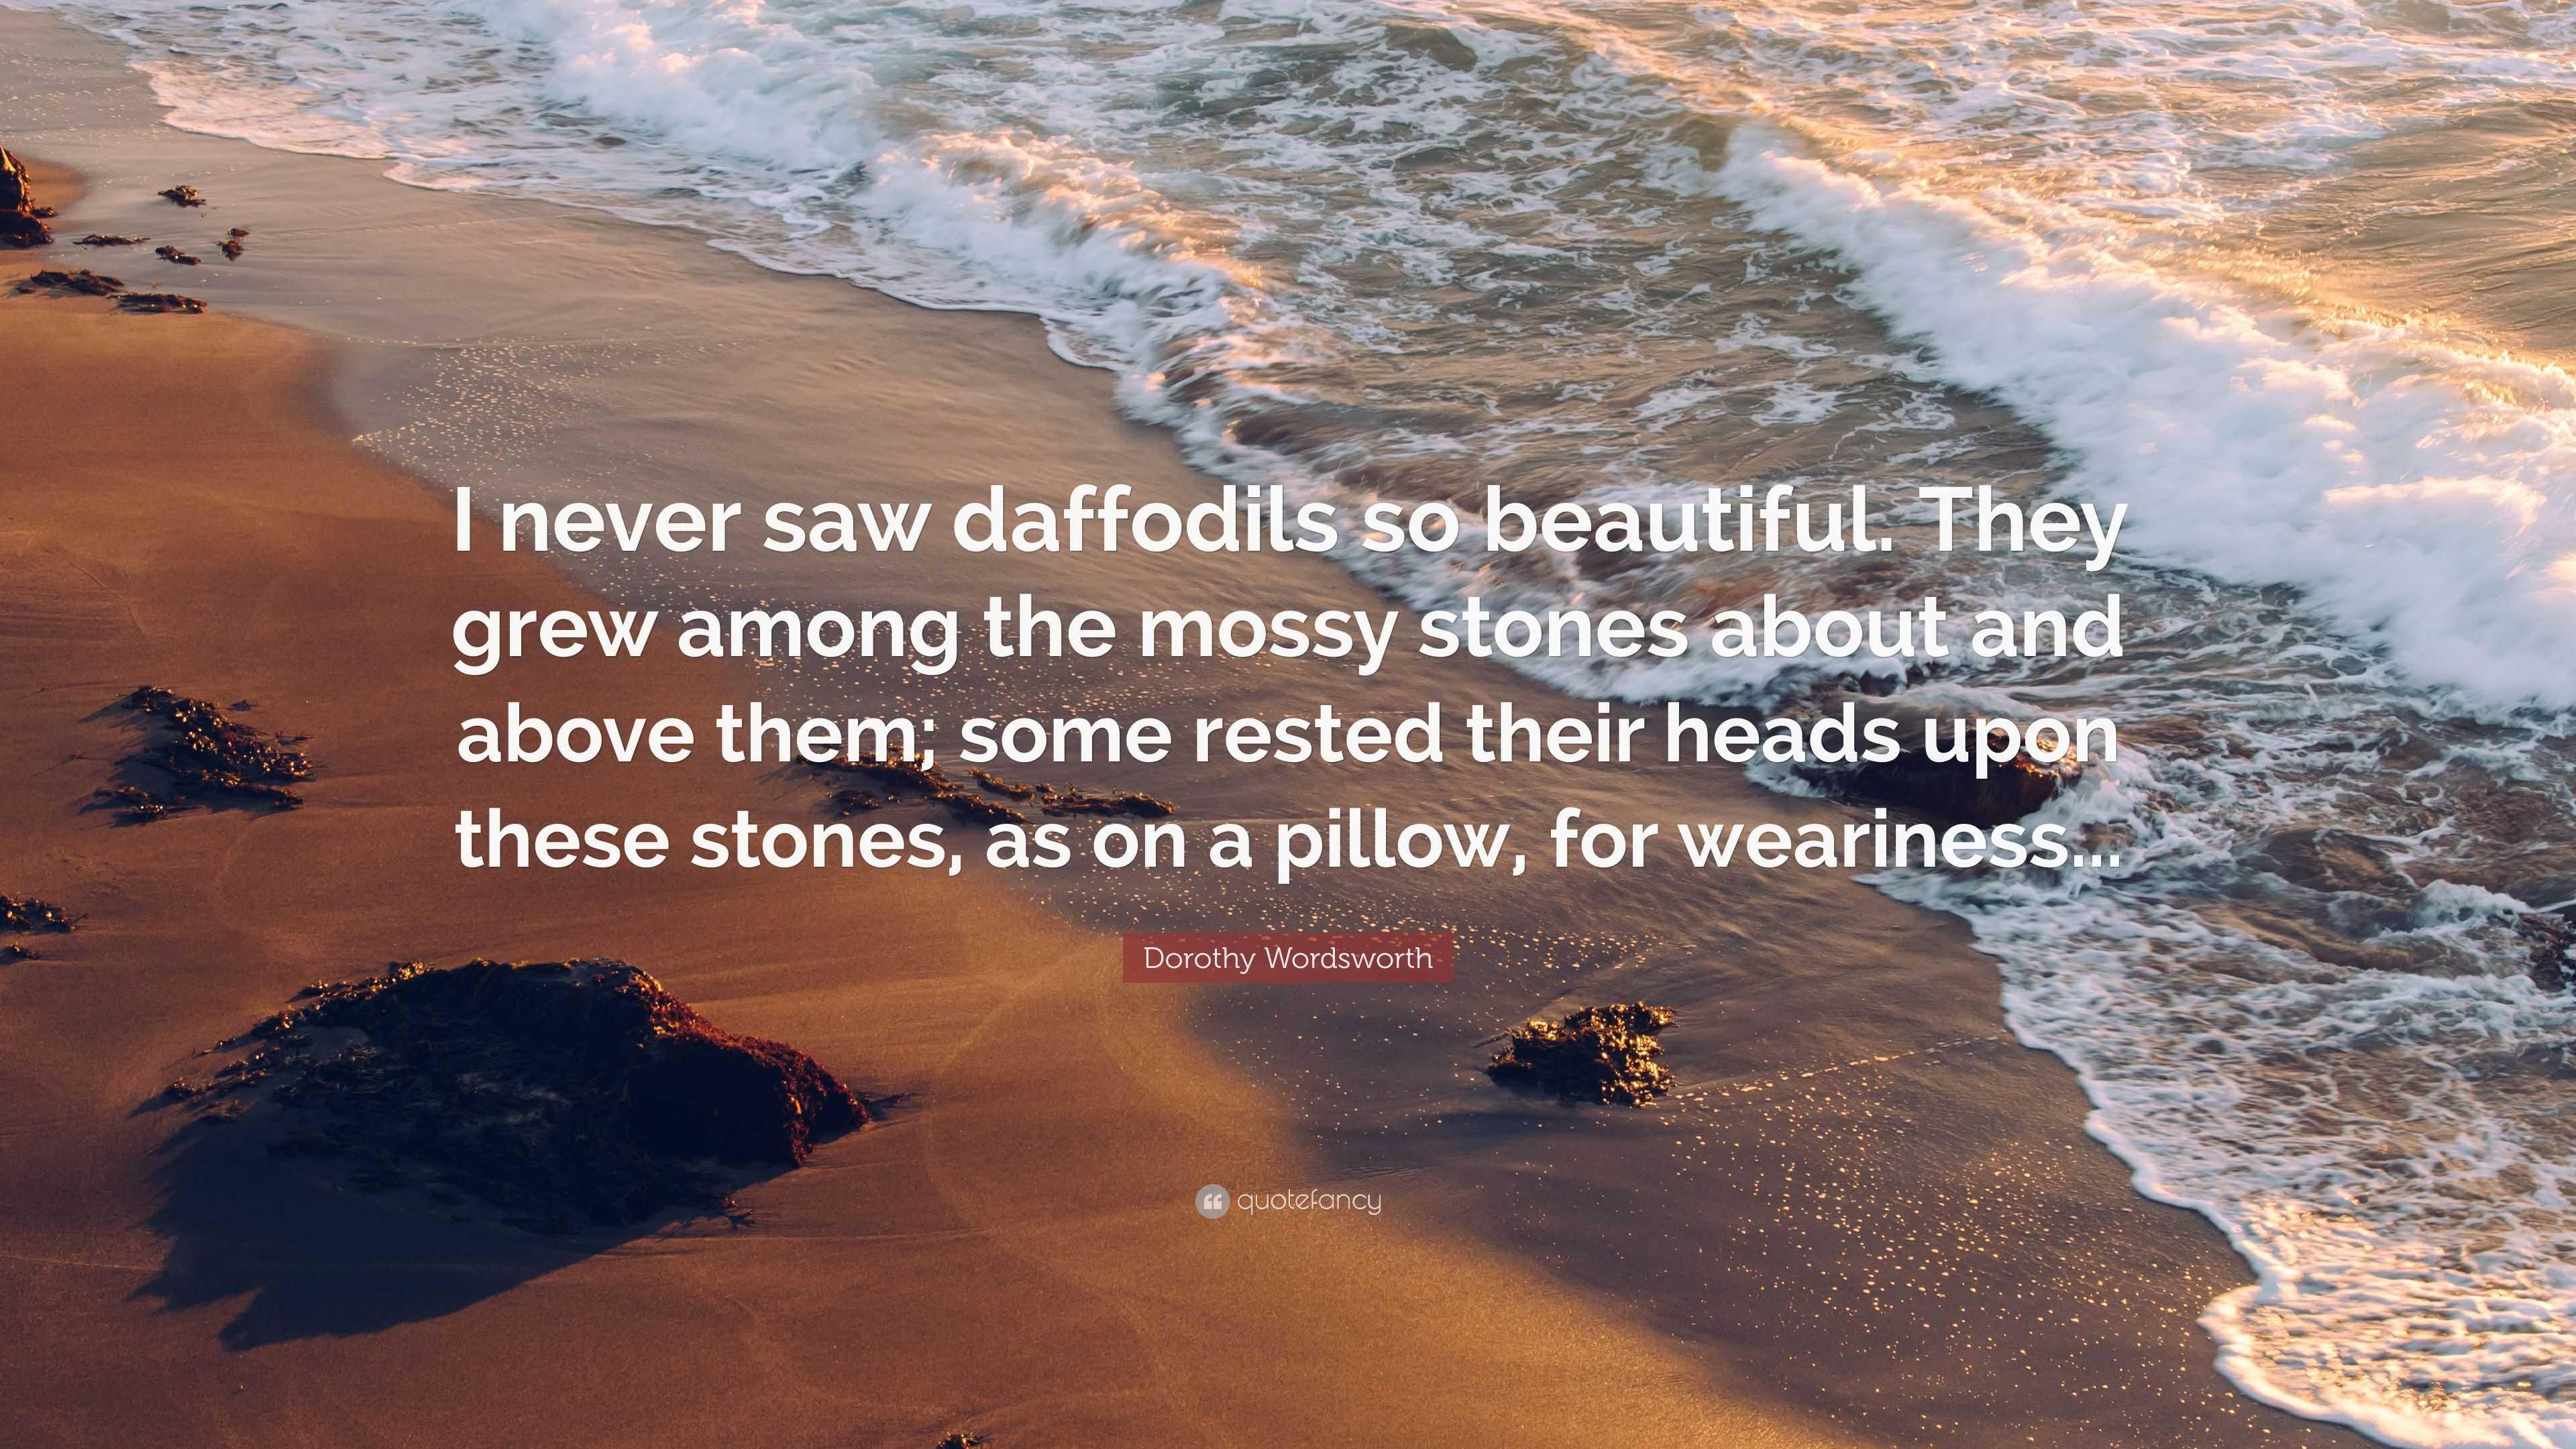 dorothy wordsworth daffodils